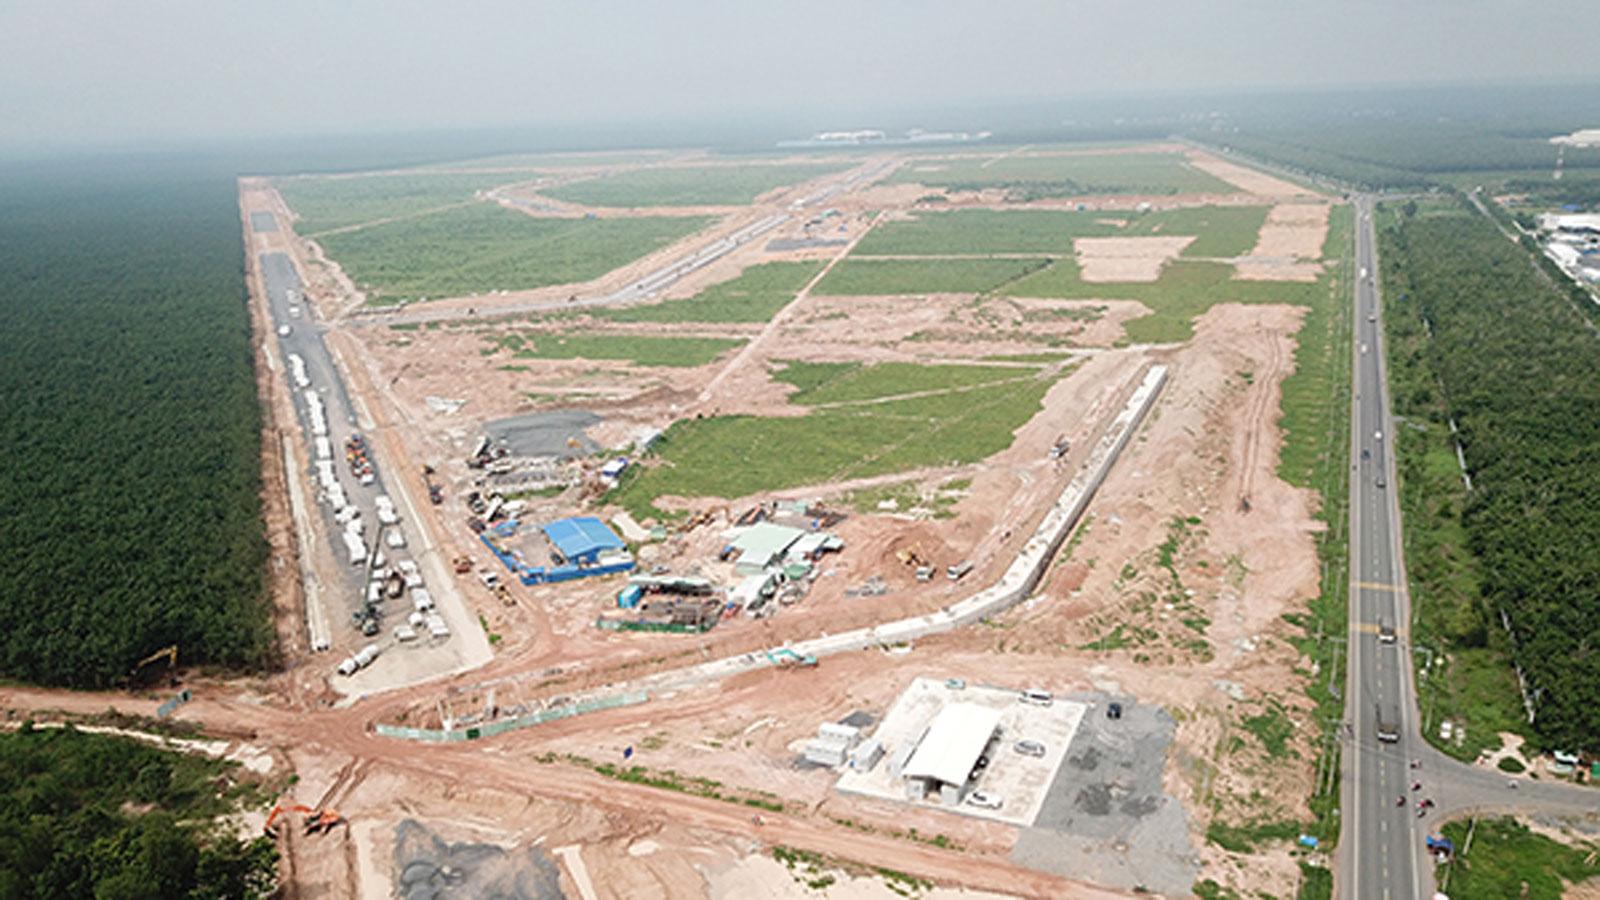 Tổ chức cắm mốc 3.000 lô đất trong khu tái định cư Lộc An - Bình Sơn